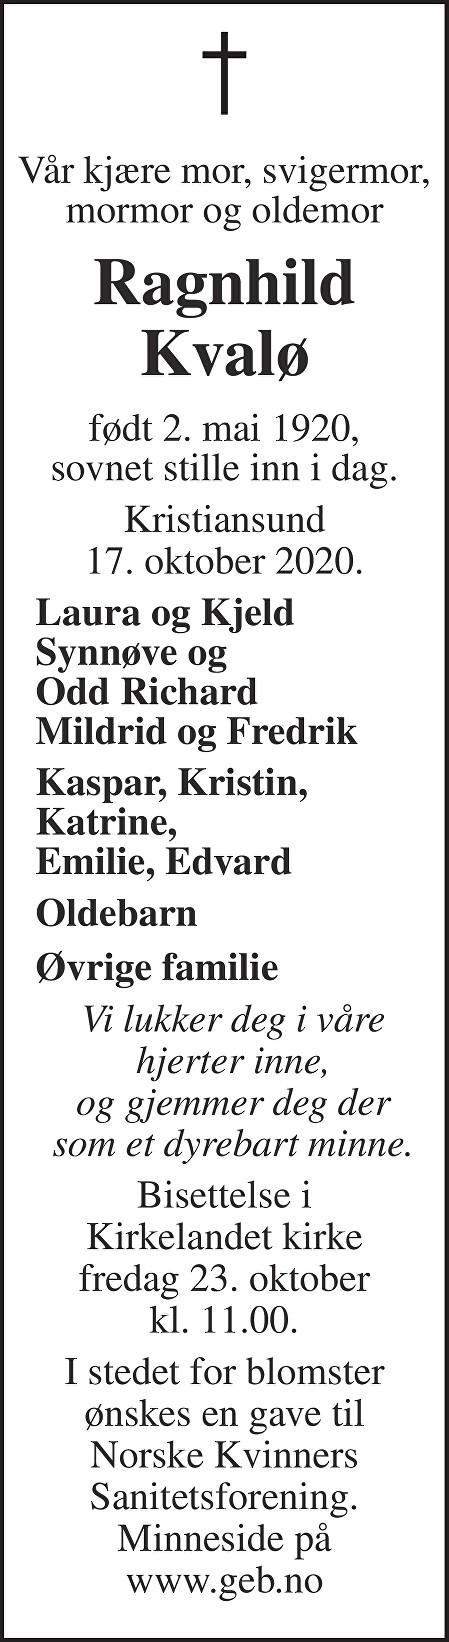 Ragnhild Kvalø Dødsannonse